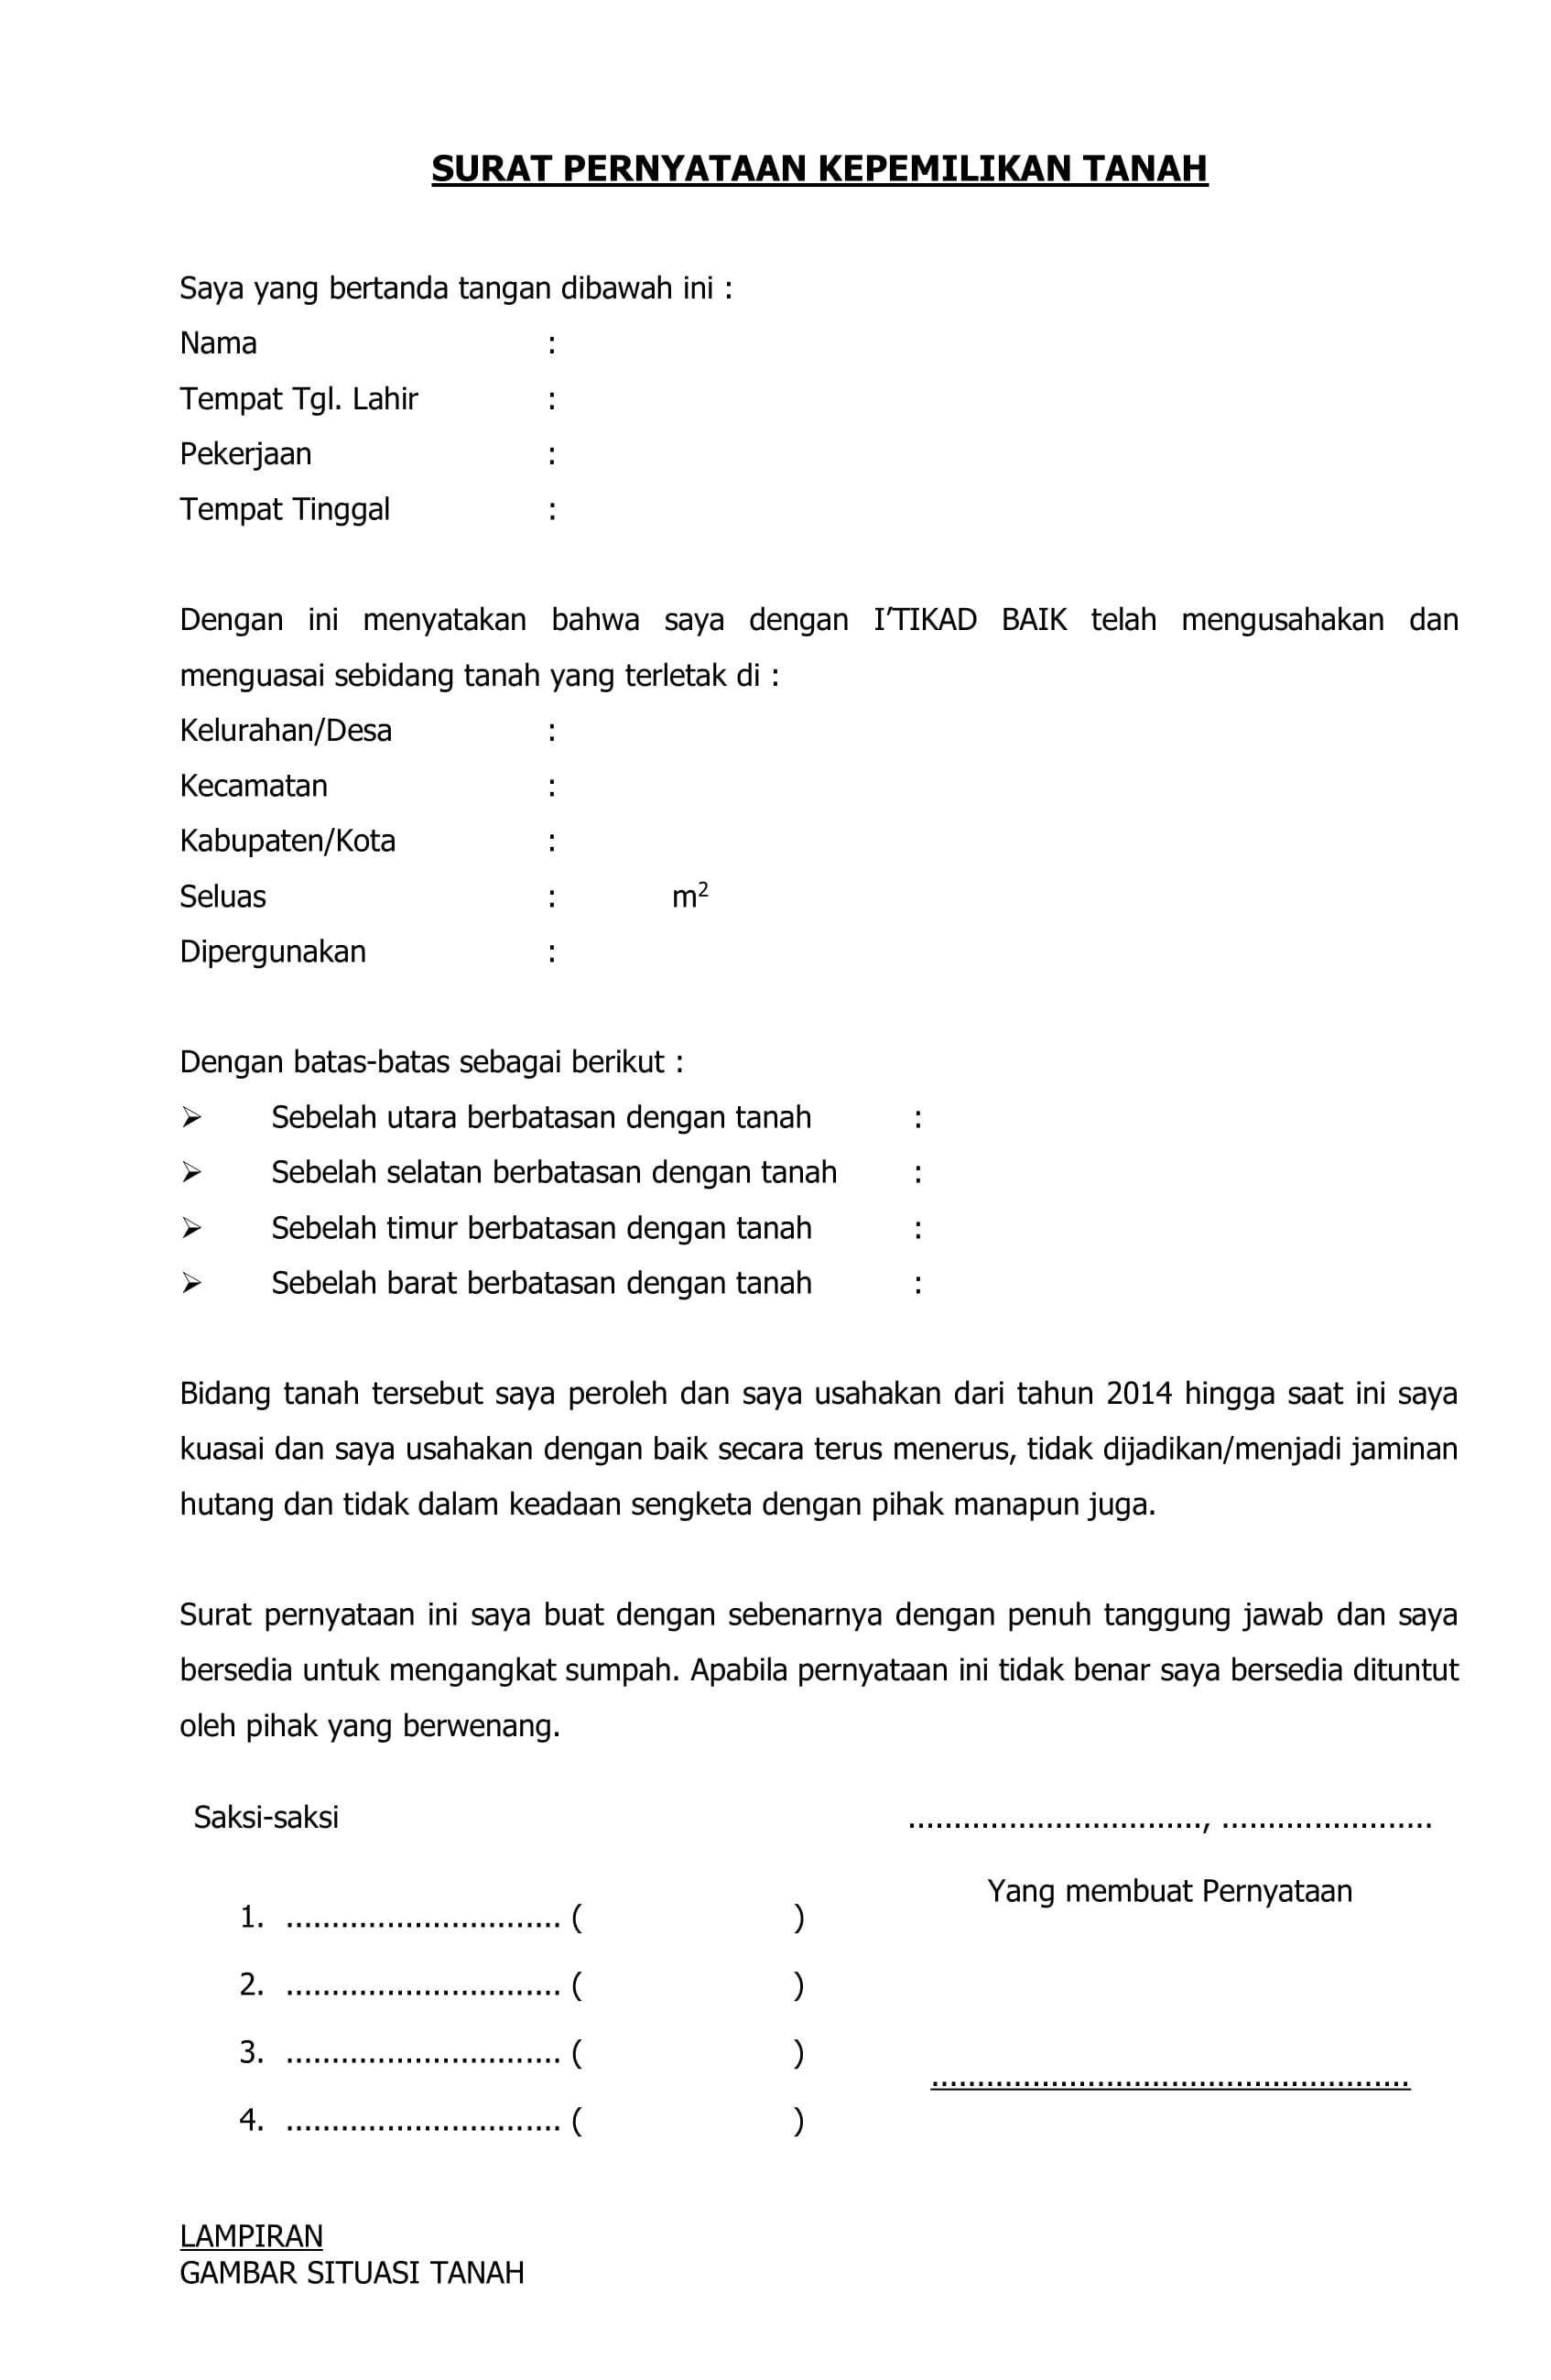 4-contoh-surat-pernyataan-kepemilikan-tanah-dari-pemohon